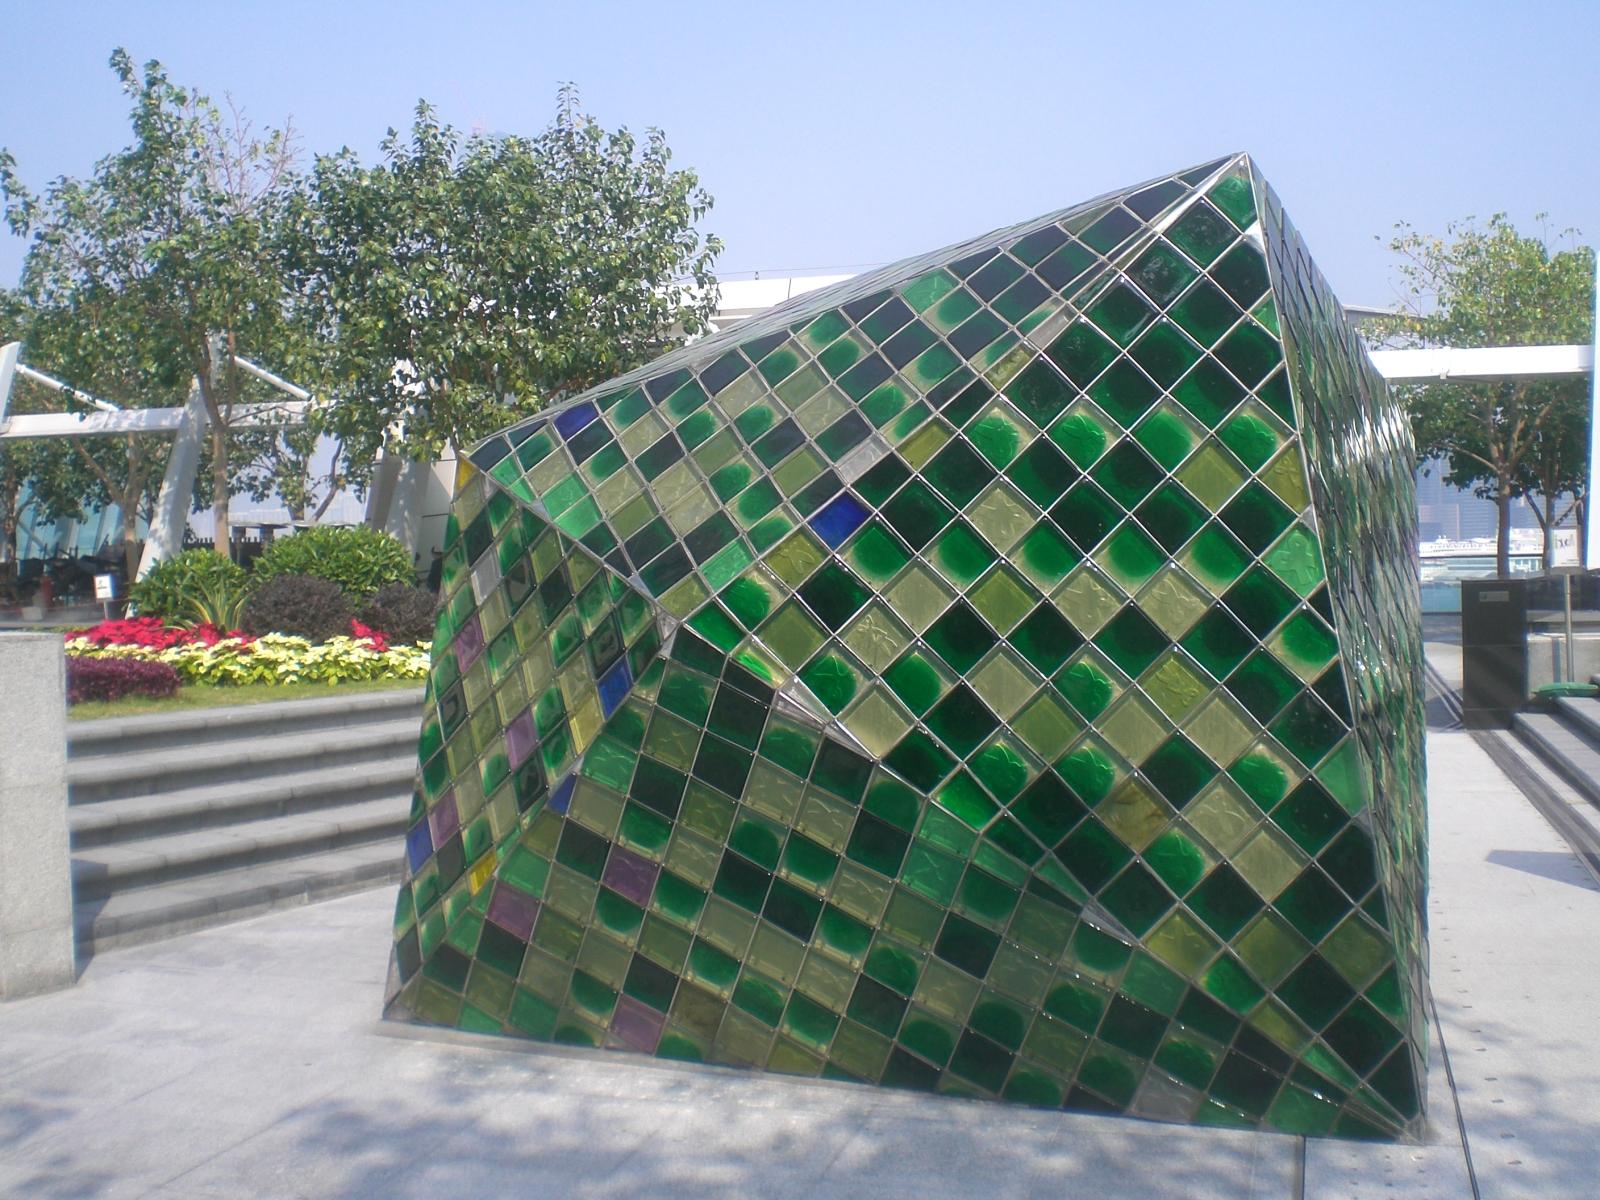 file hk ifc roof podium garden glass sculpture green tile mosaics